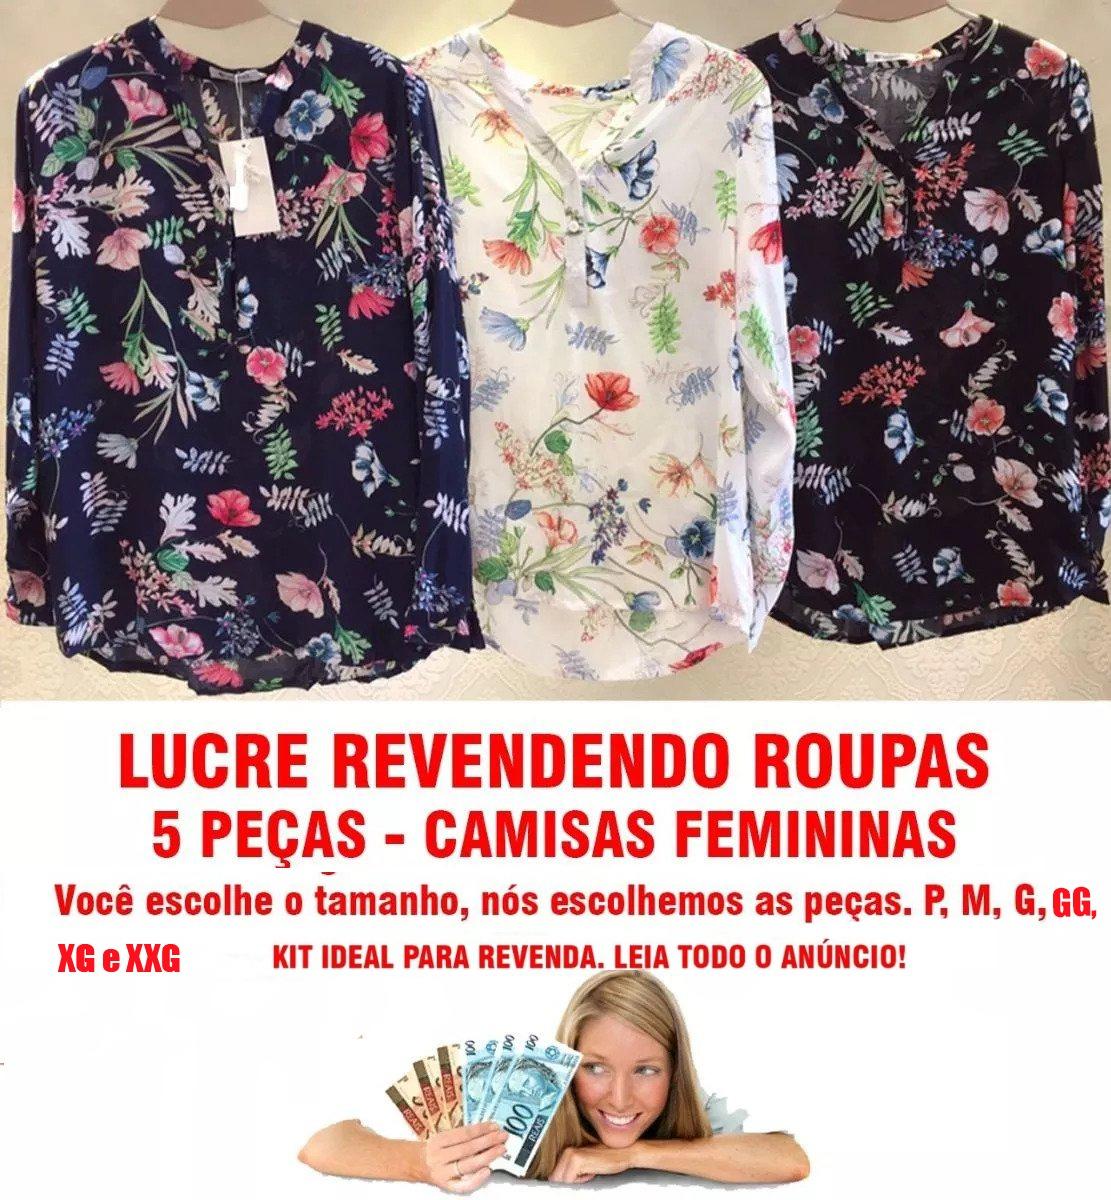 60d80e0bfc63 kit blusas feminina camisa botões barata atacado revenda 535. Carregando  zoom.